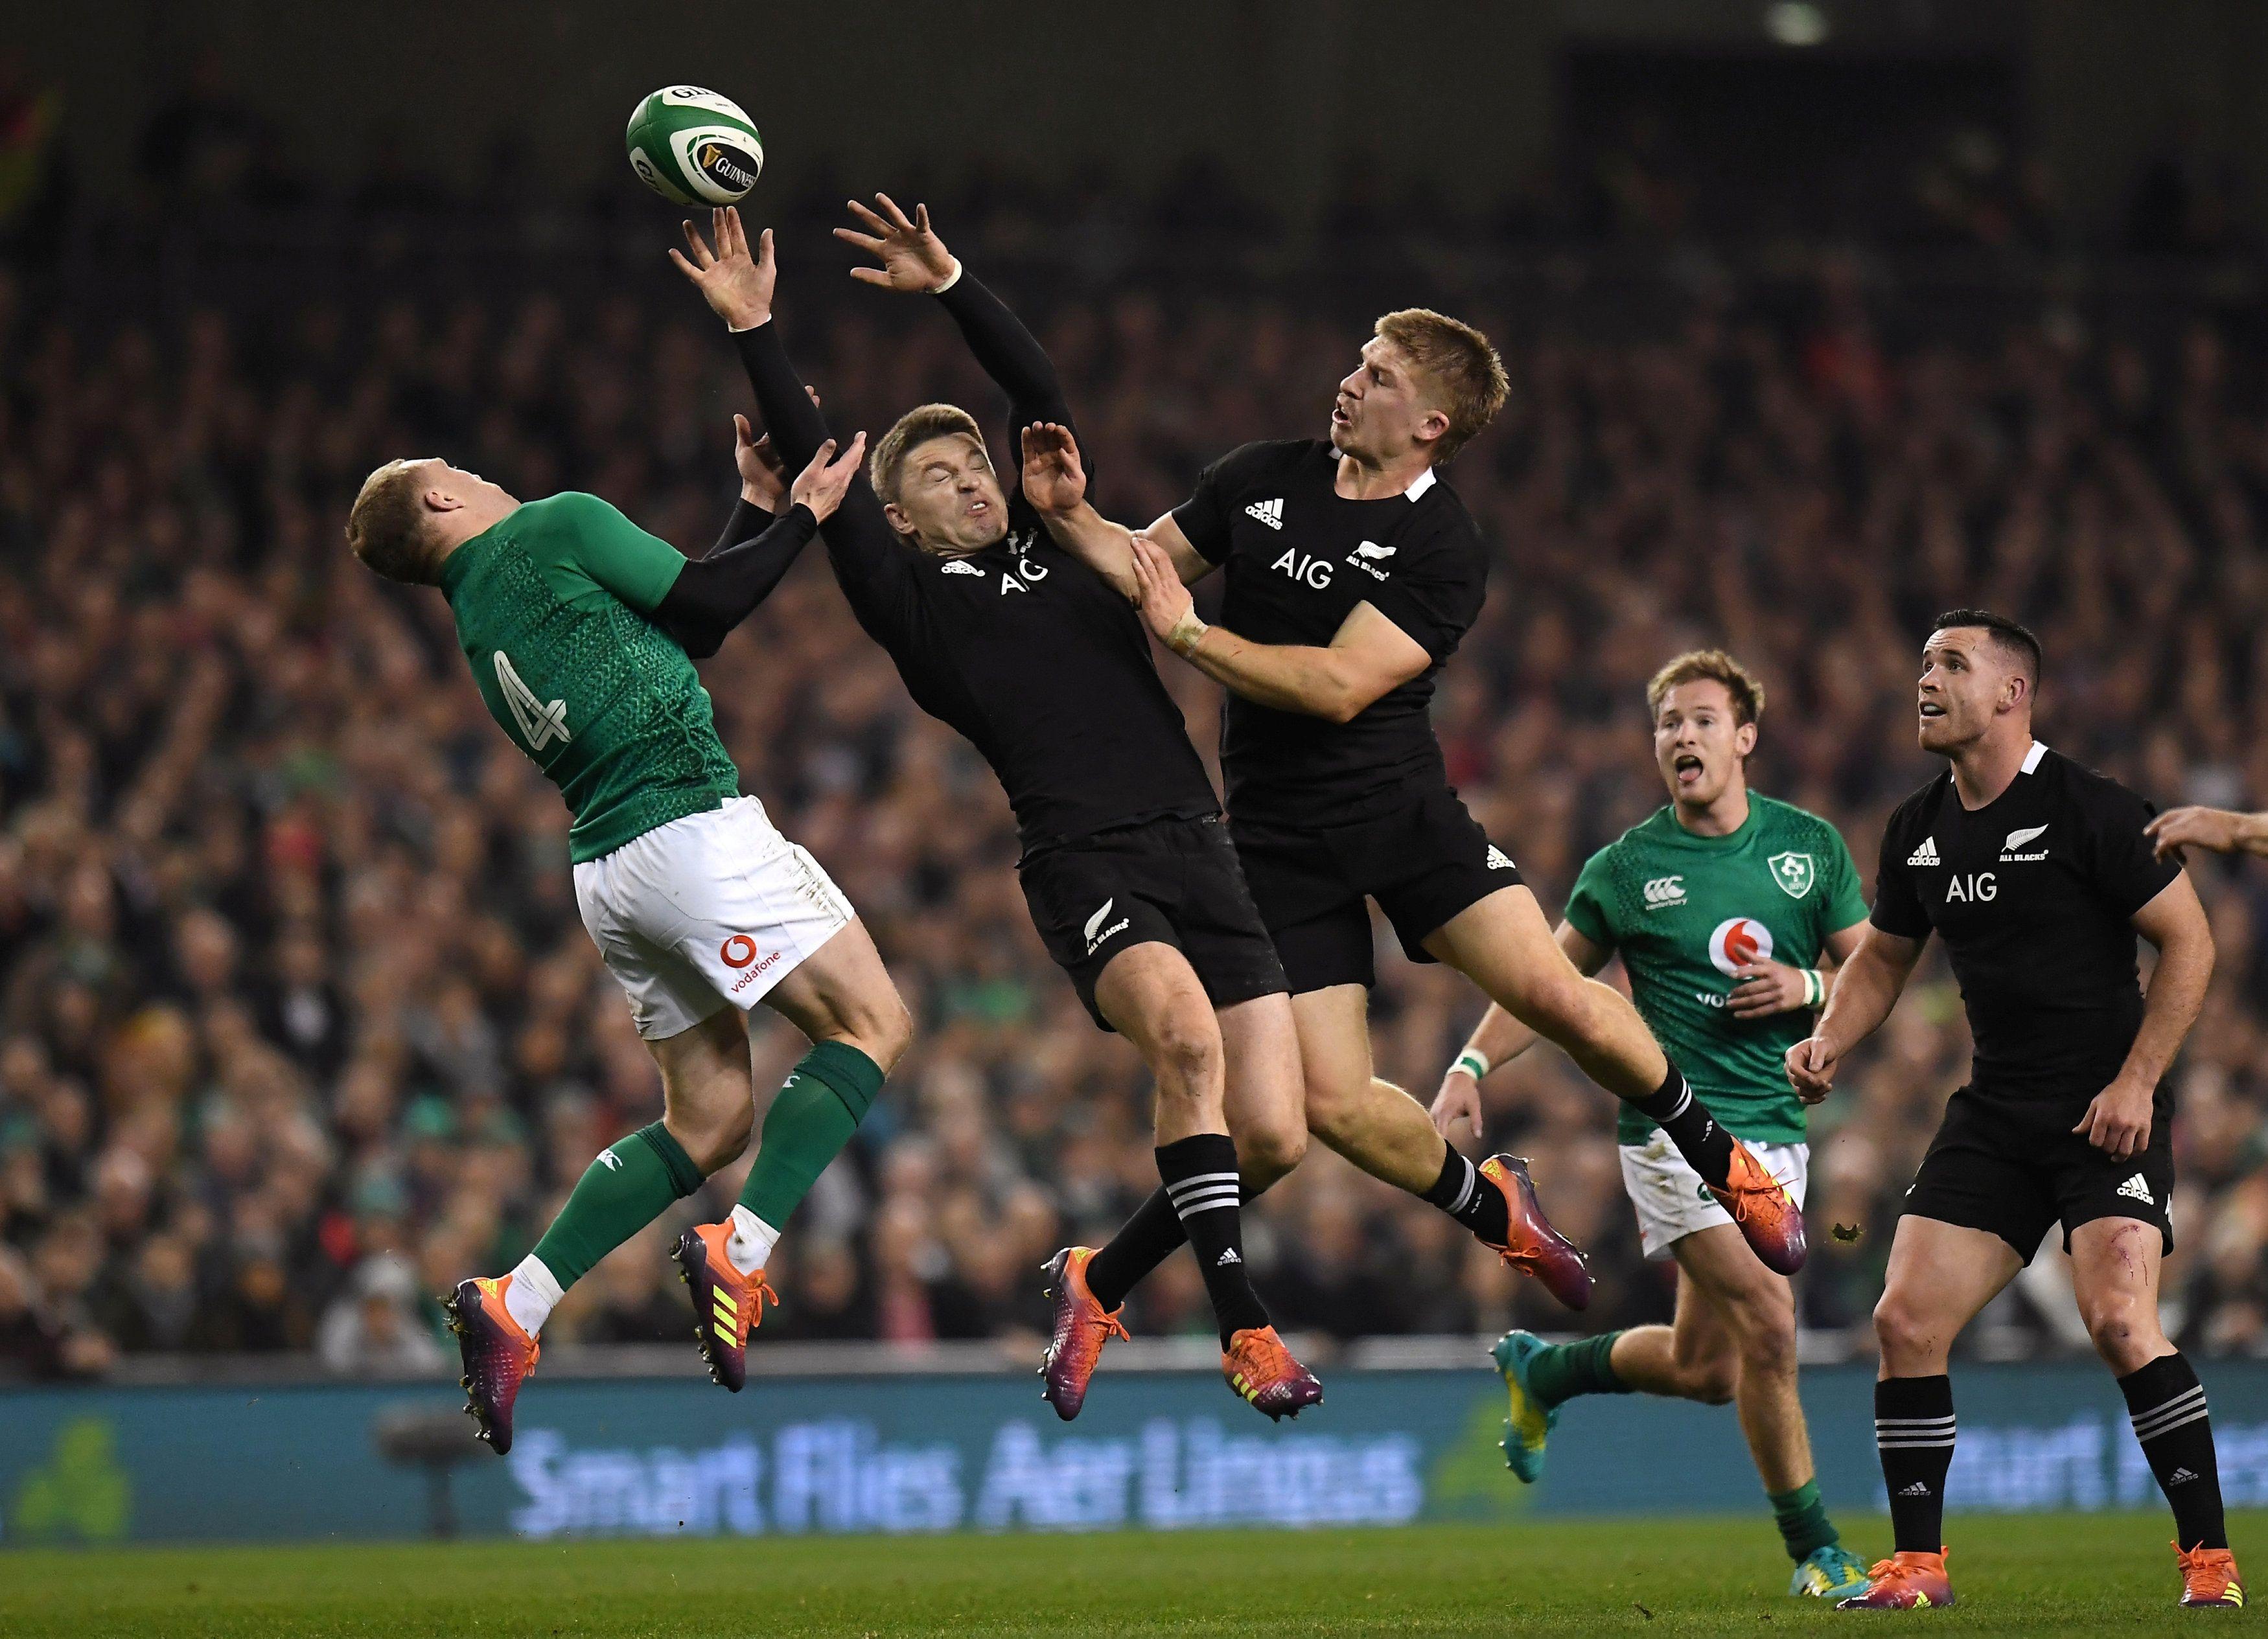 Rugby - Blessée par un ballon lors du match Irlande-All Blacks, une spectatrice porte plainte